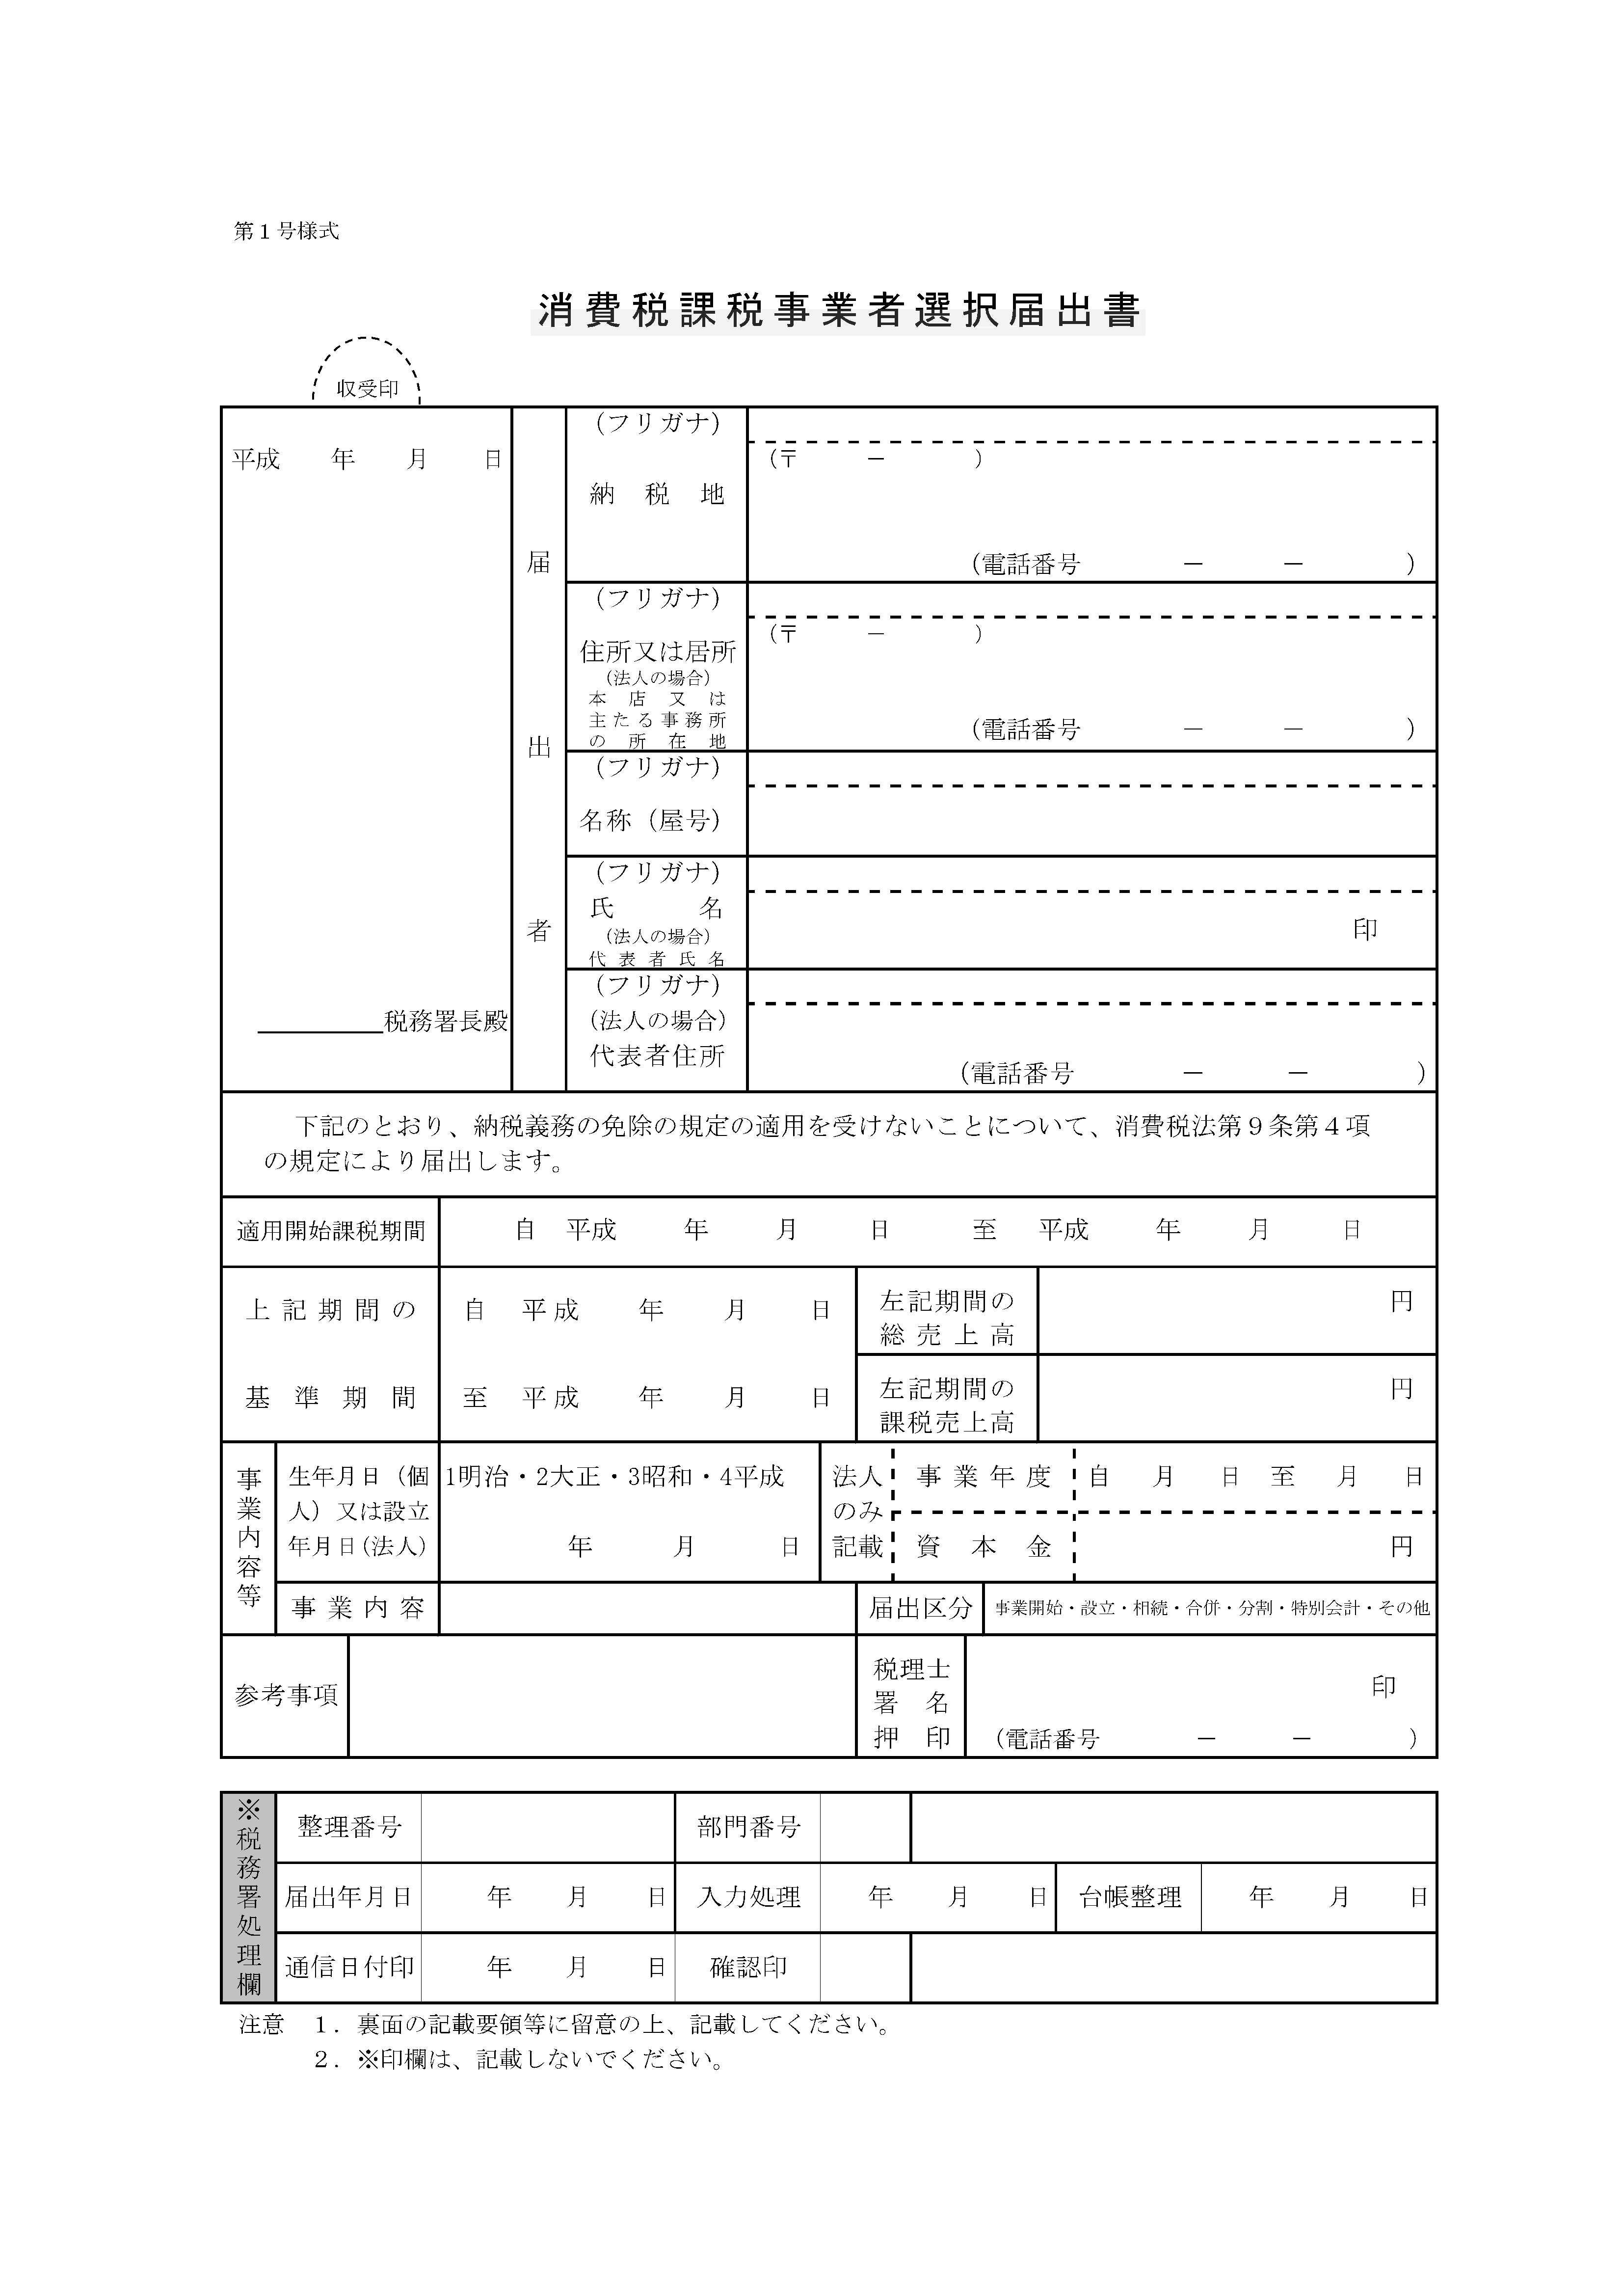 消費税課税事業者選択届出書.jpg